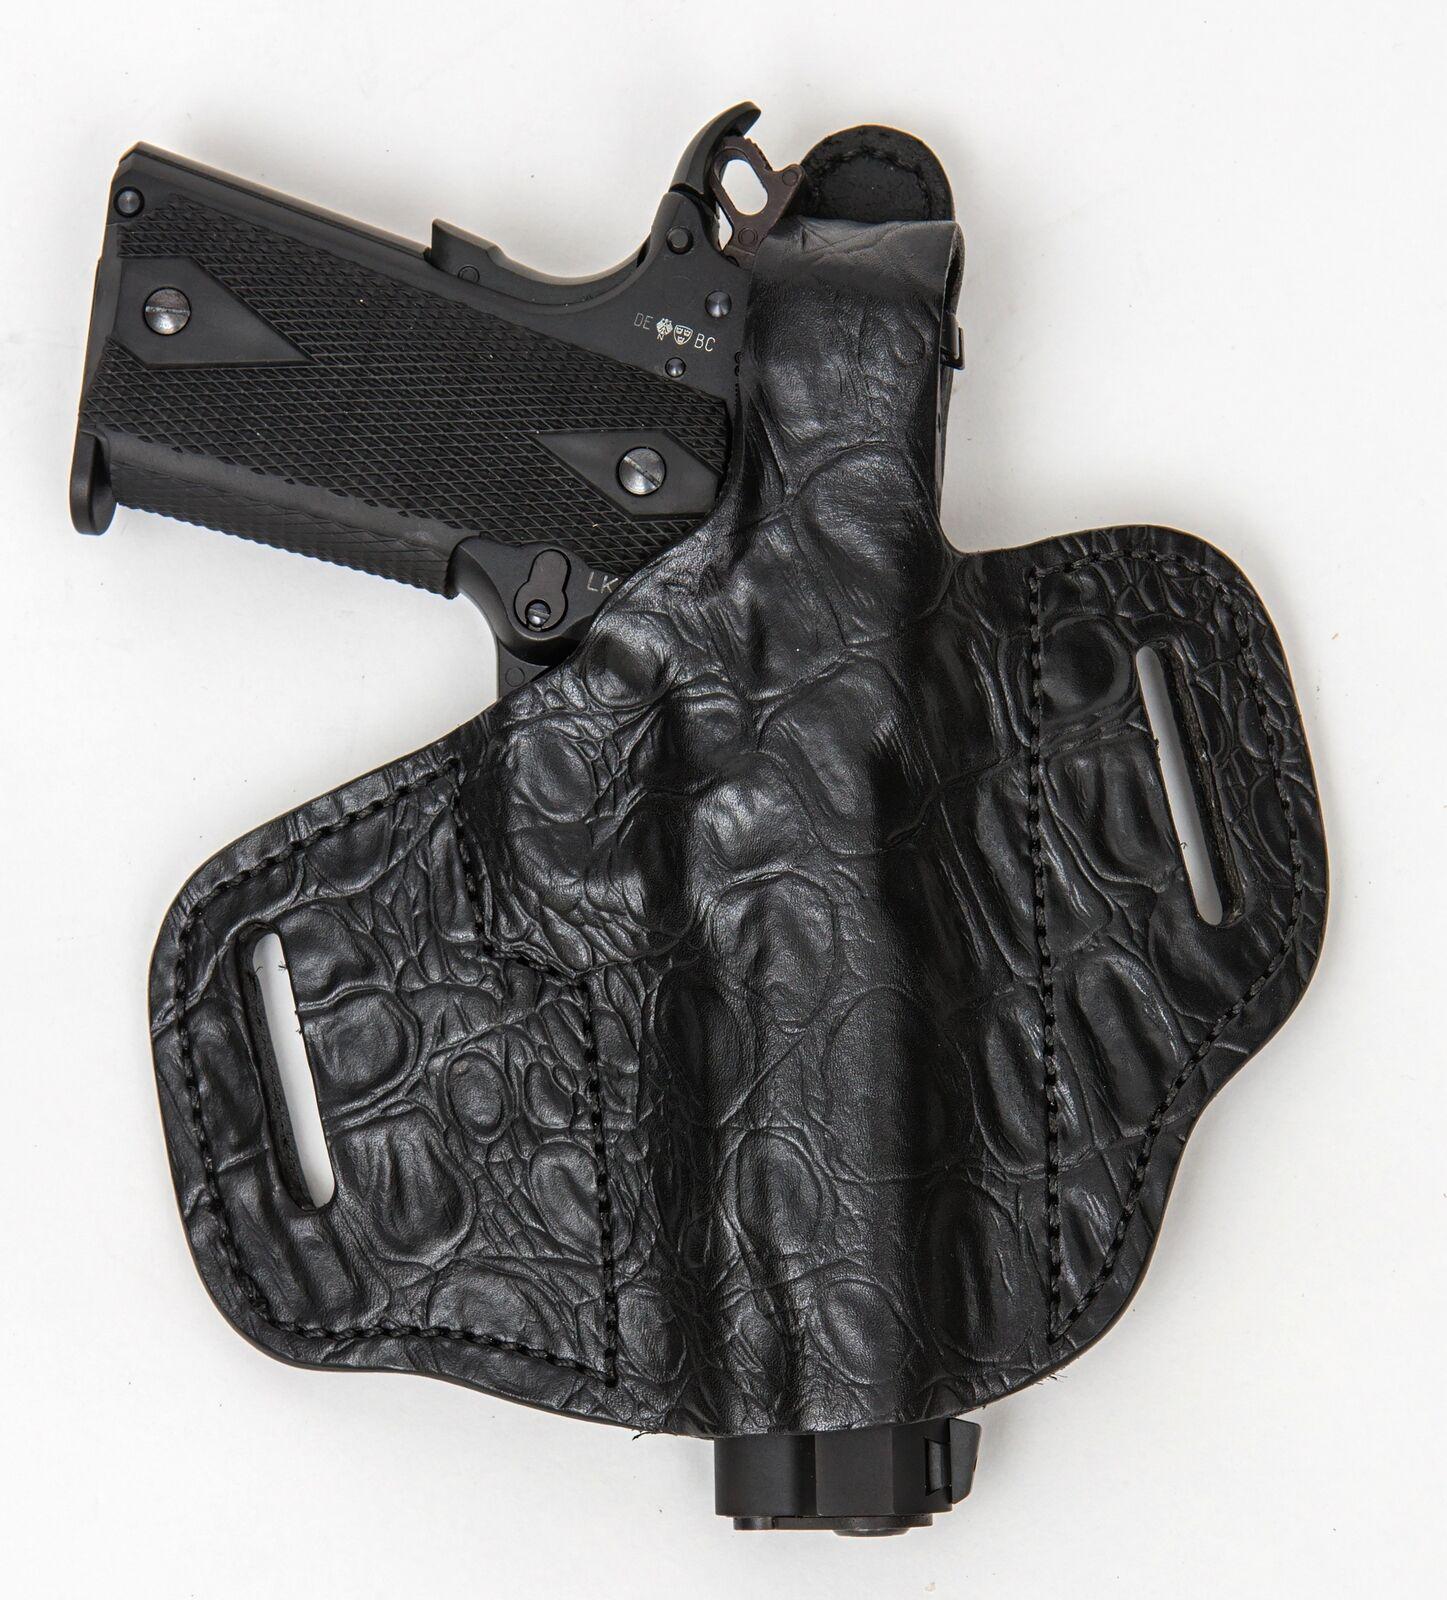 On Duty Conceal RH LH OWB Leder Gun Holster For Ruger LCP 380 w/ CT Laserguard